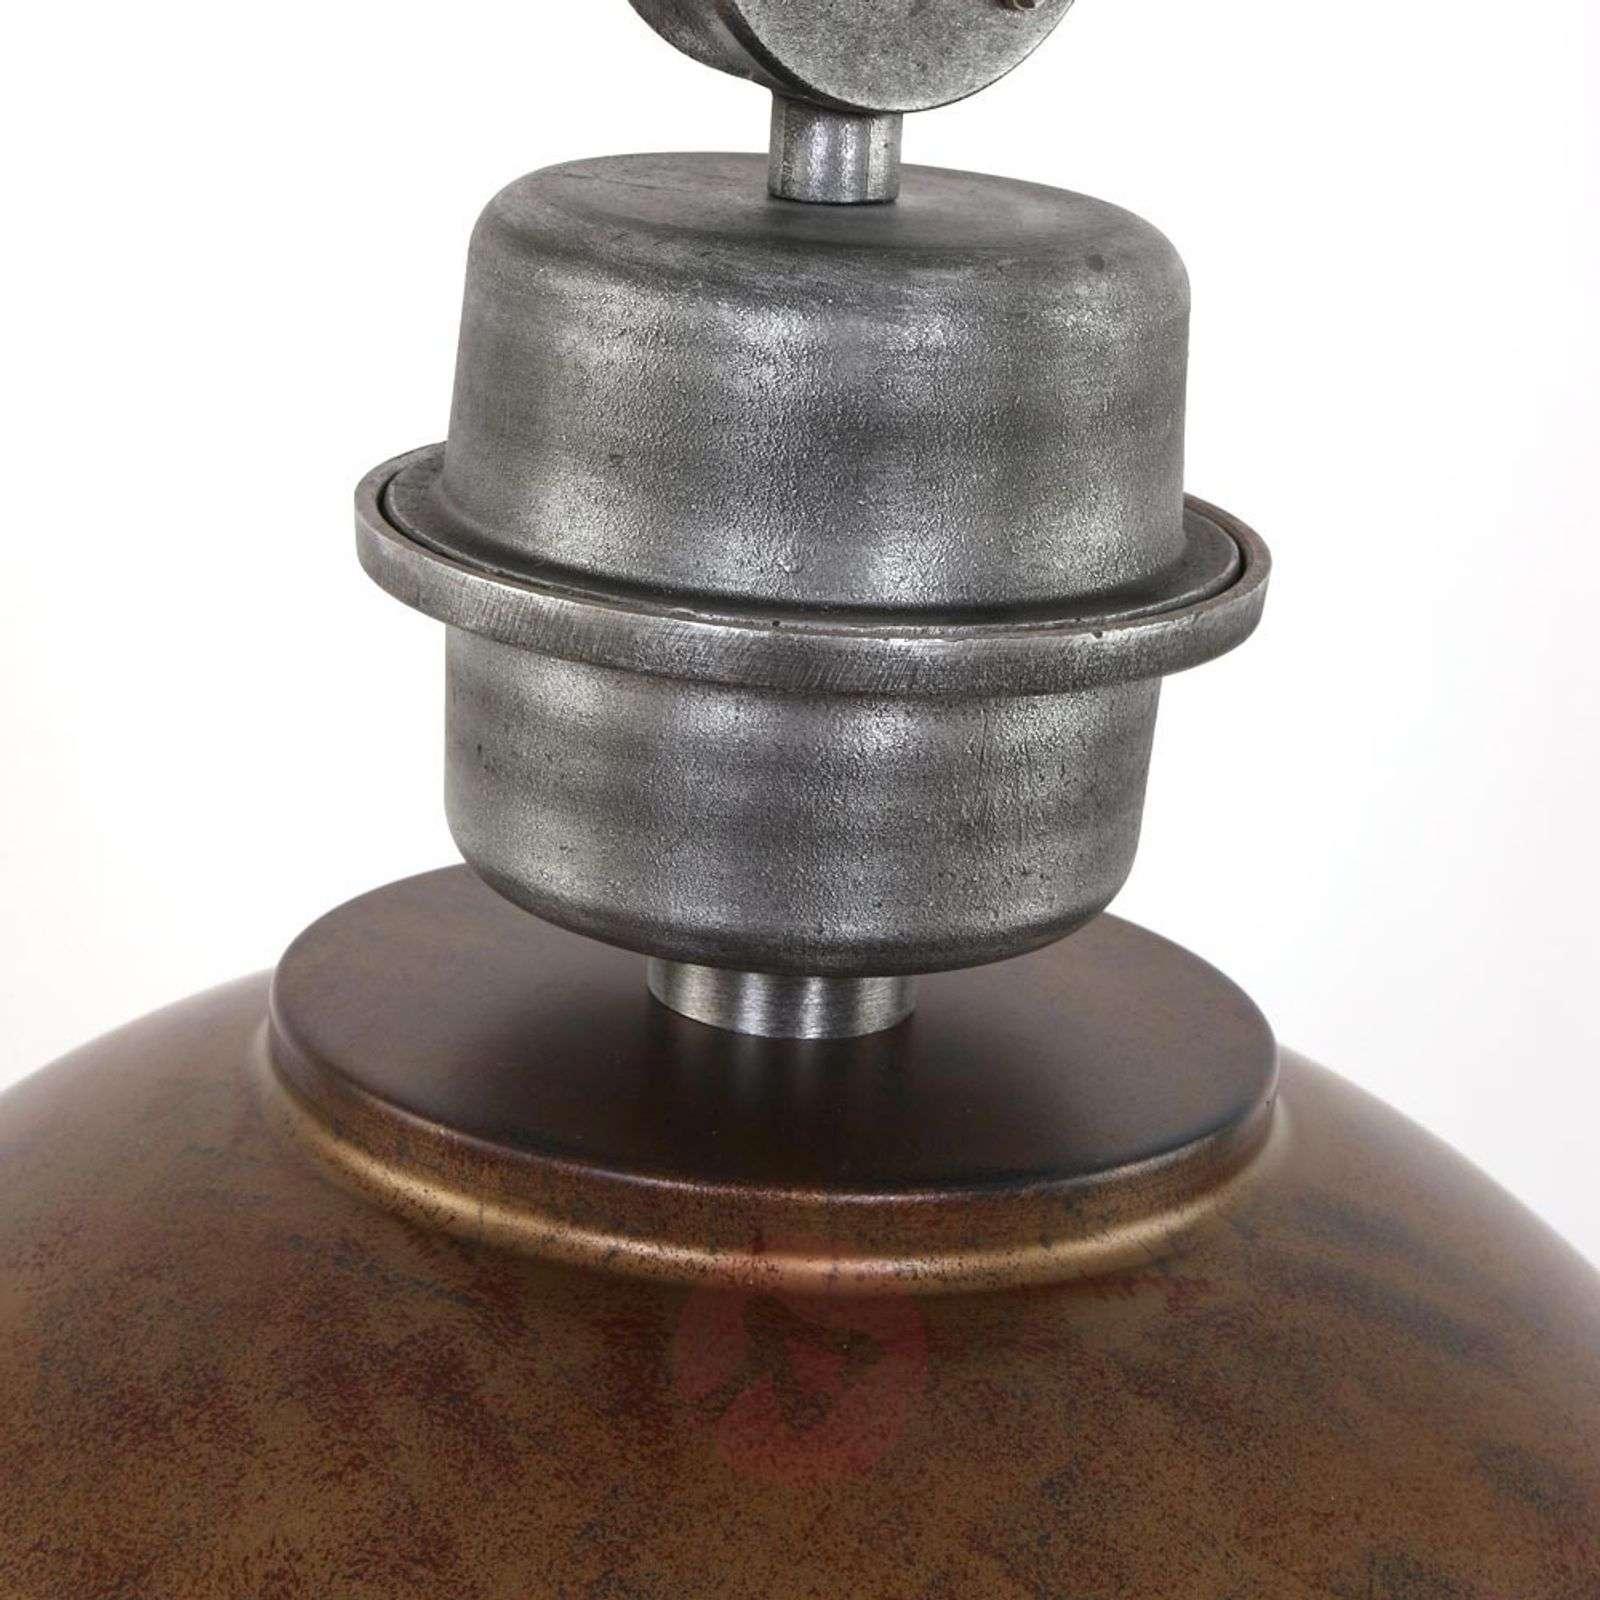 Brown hanging light Bikkel XXL, industrial design-8509750-01